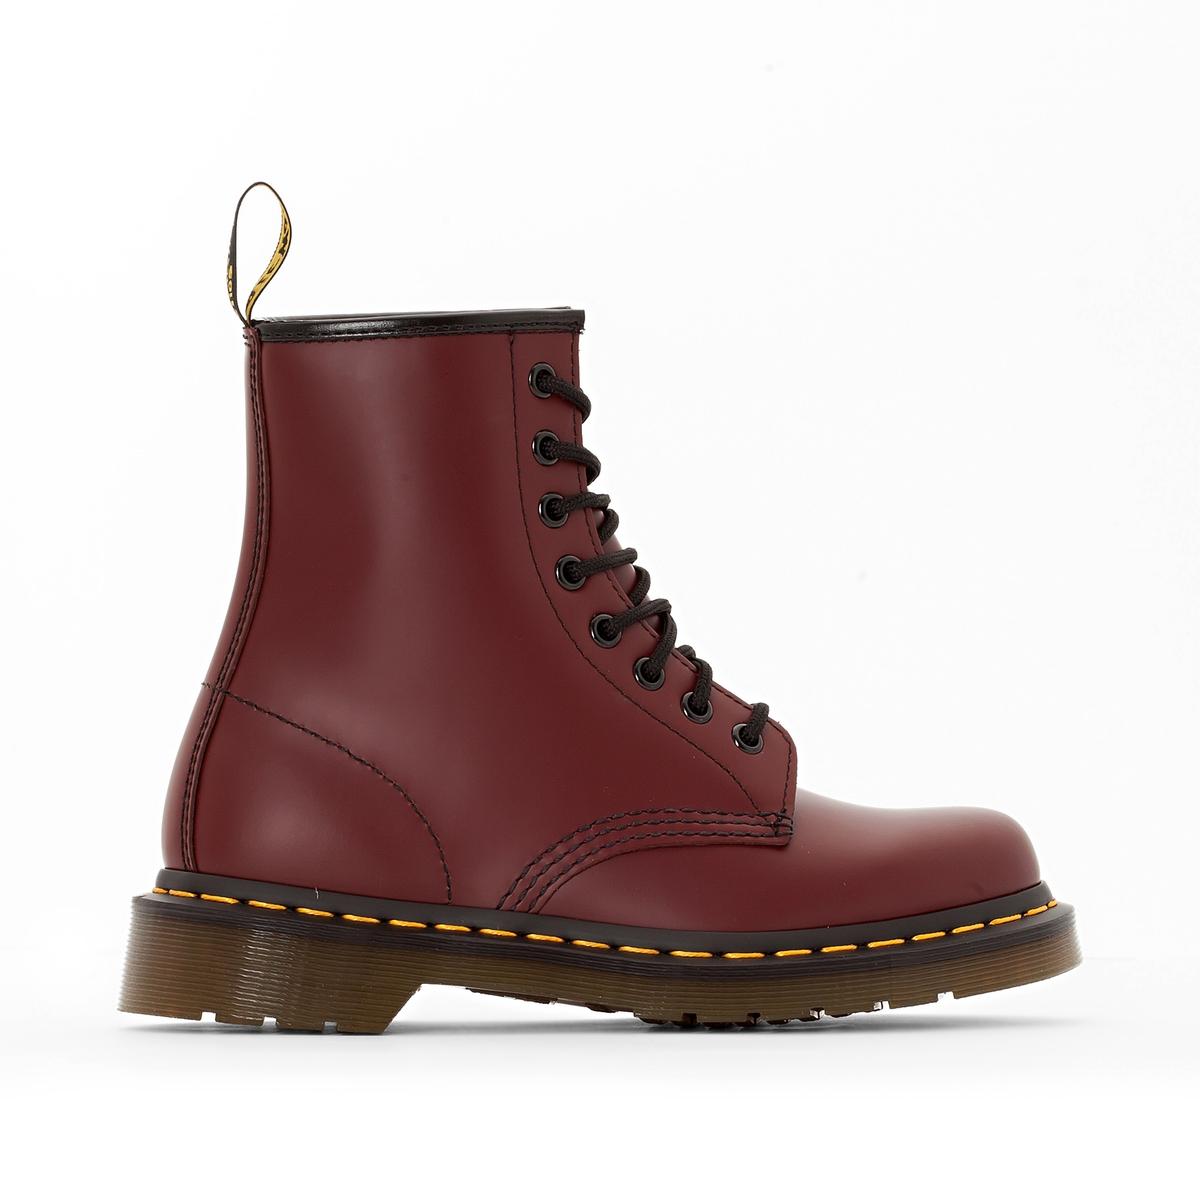 Ботинки La Redoute Кожаные на шнуровке 38 красный ботинки la redoute на шнуровке 38 белый